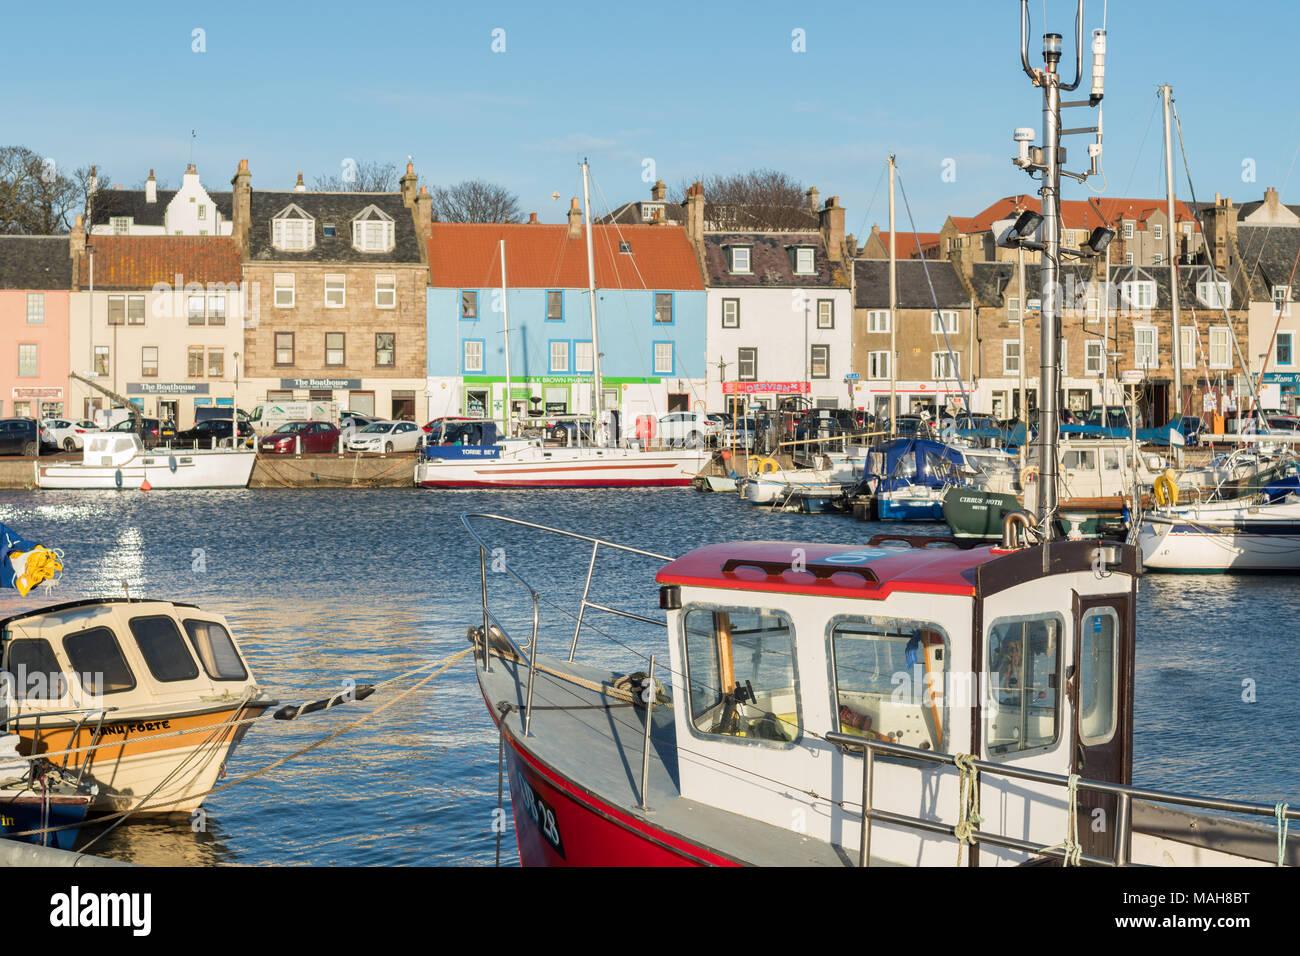 Anstruther - Boote und Waterfront, East Neuk, Fife, Schottland, Großbritannien Stockbild